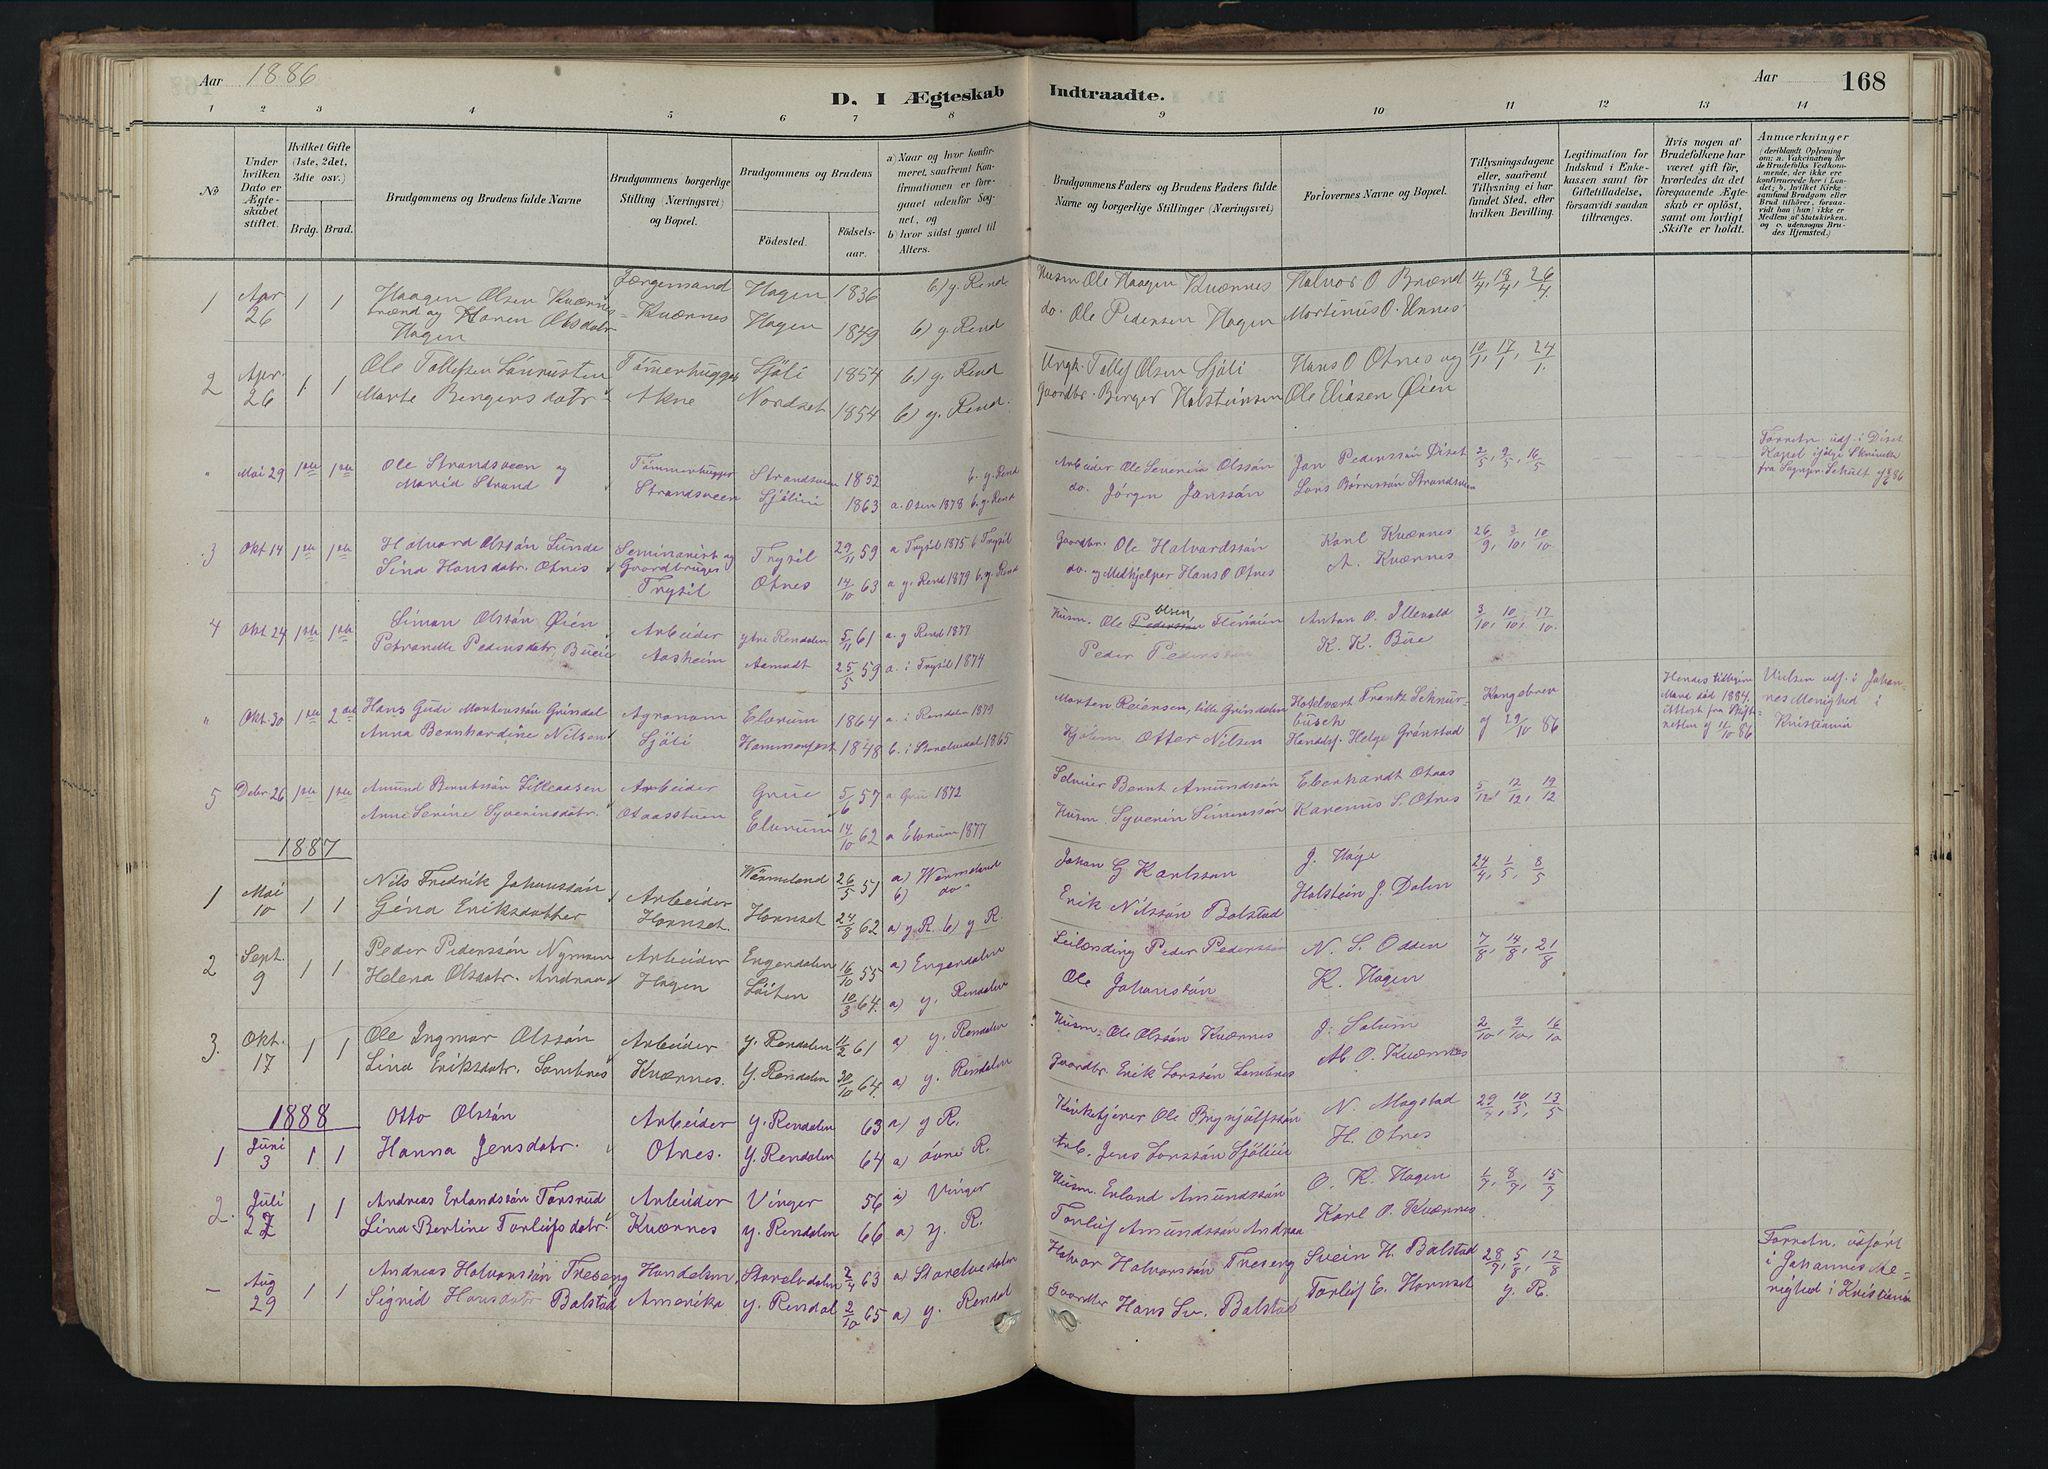 SAH, Rendalen prestekontor, H/Ha/Hab/L0009: Klokkerbok nr. 9, 1879-1902, s. 168